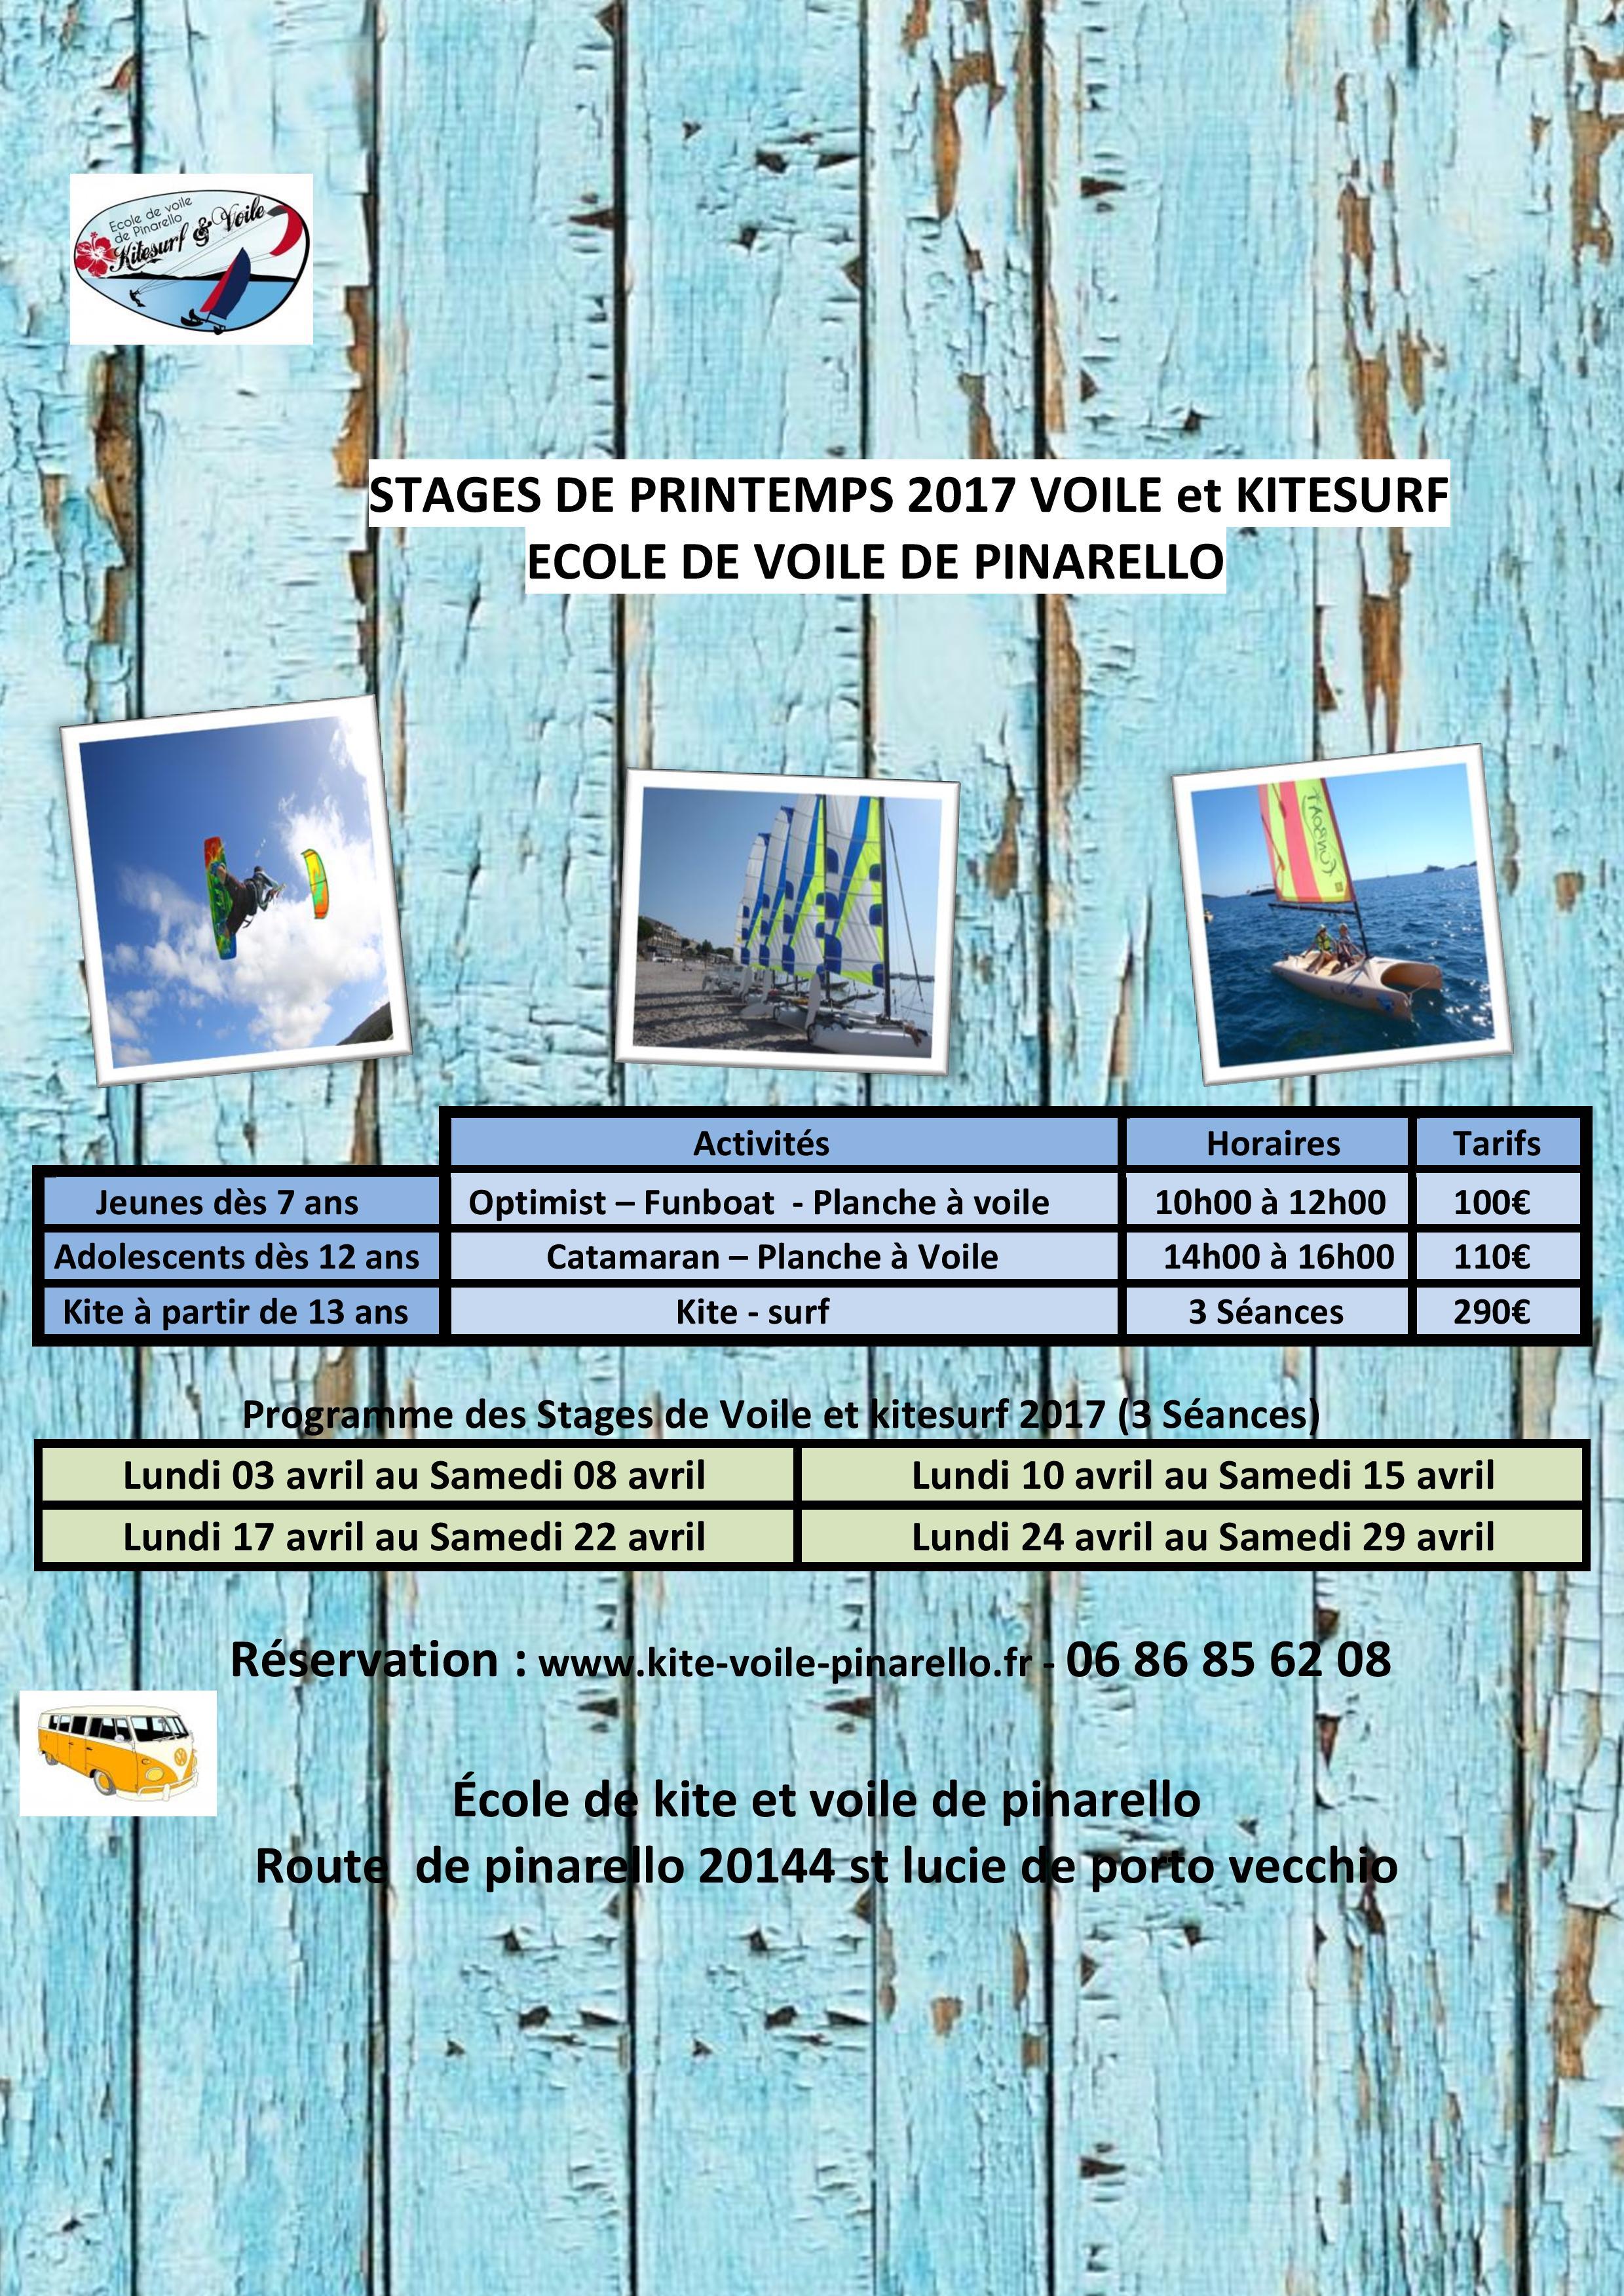 STAGES DE PRINTEMPS VOILE ET KITESURF A ECOLE DE VOILE DE PINARELLO (1)-page-001 (1)